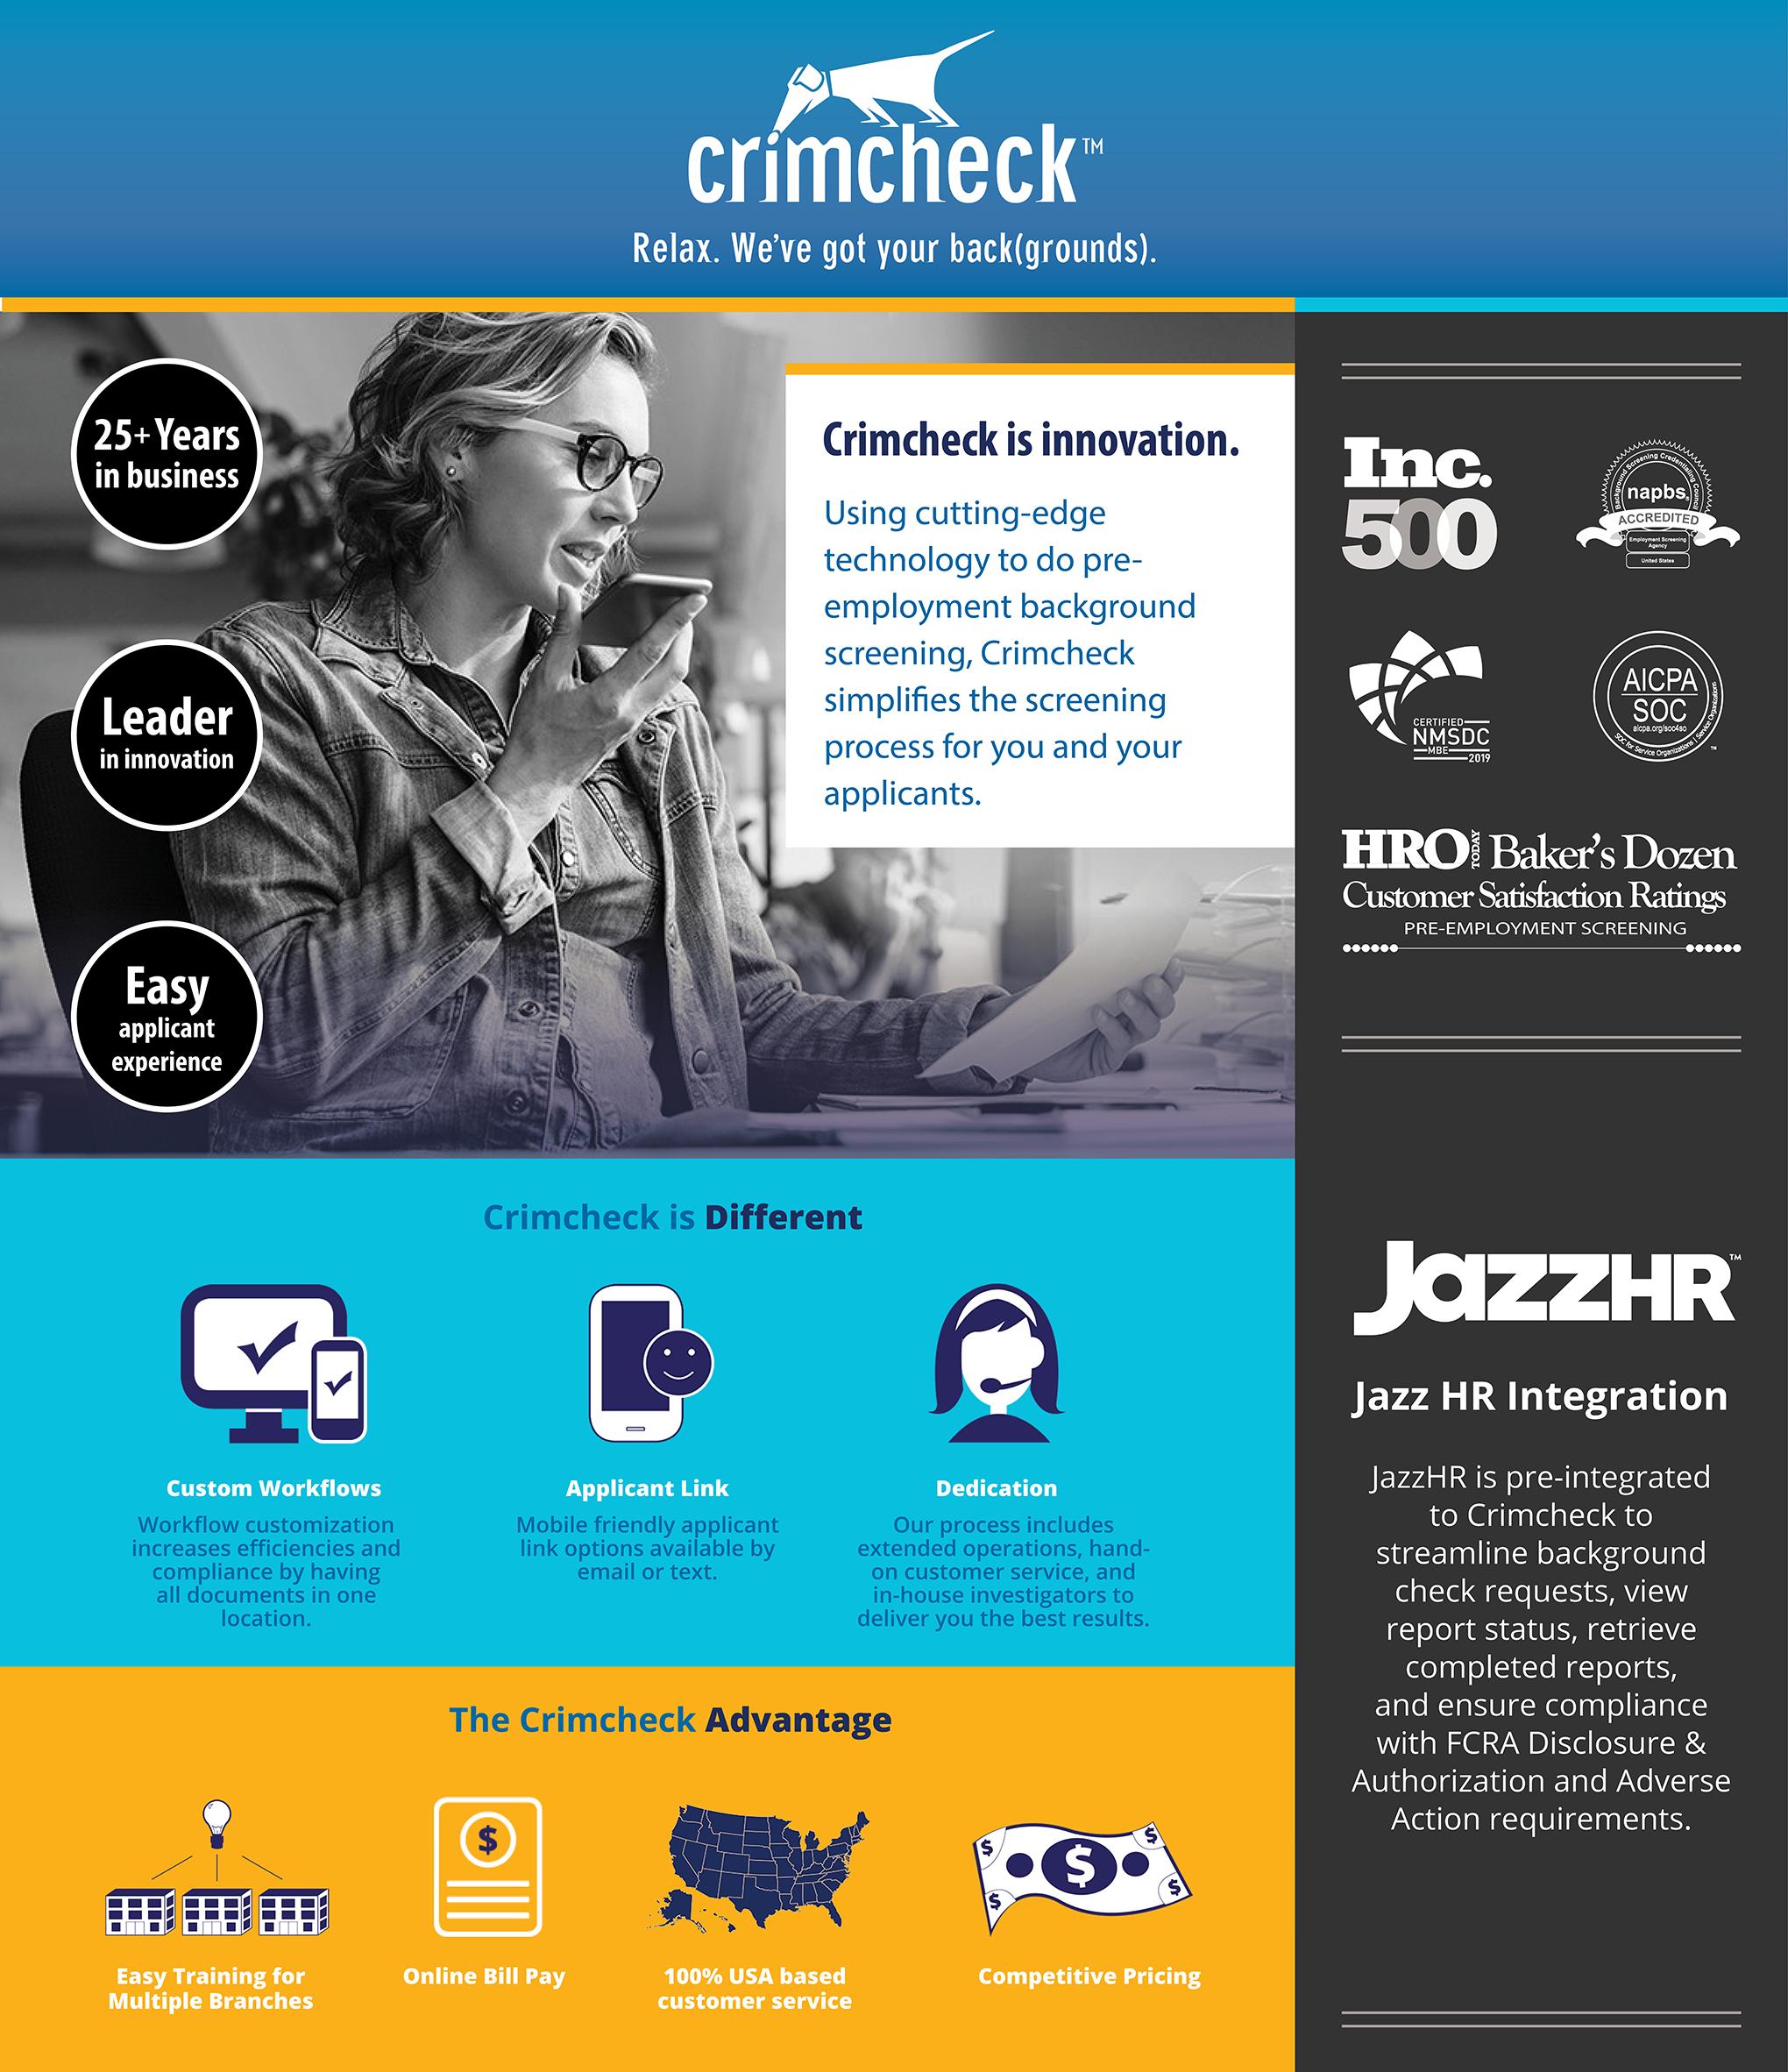 78043367 Crimcheck Marketplace Profile Image L